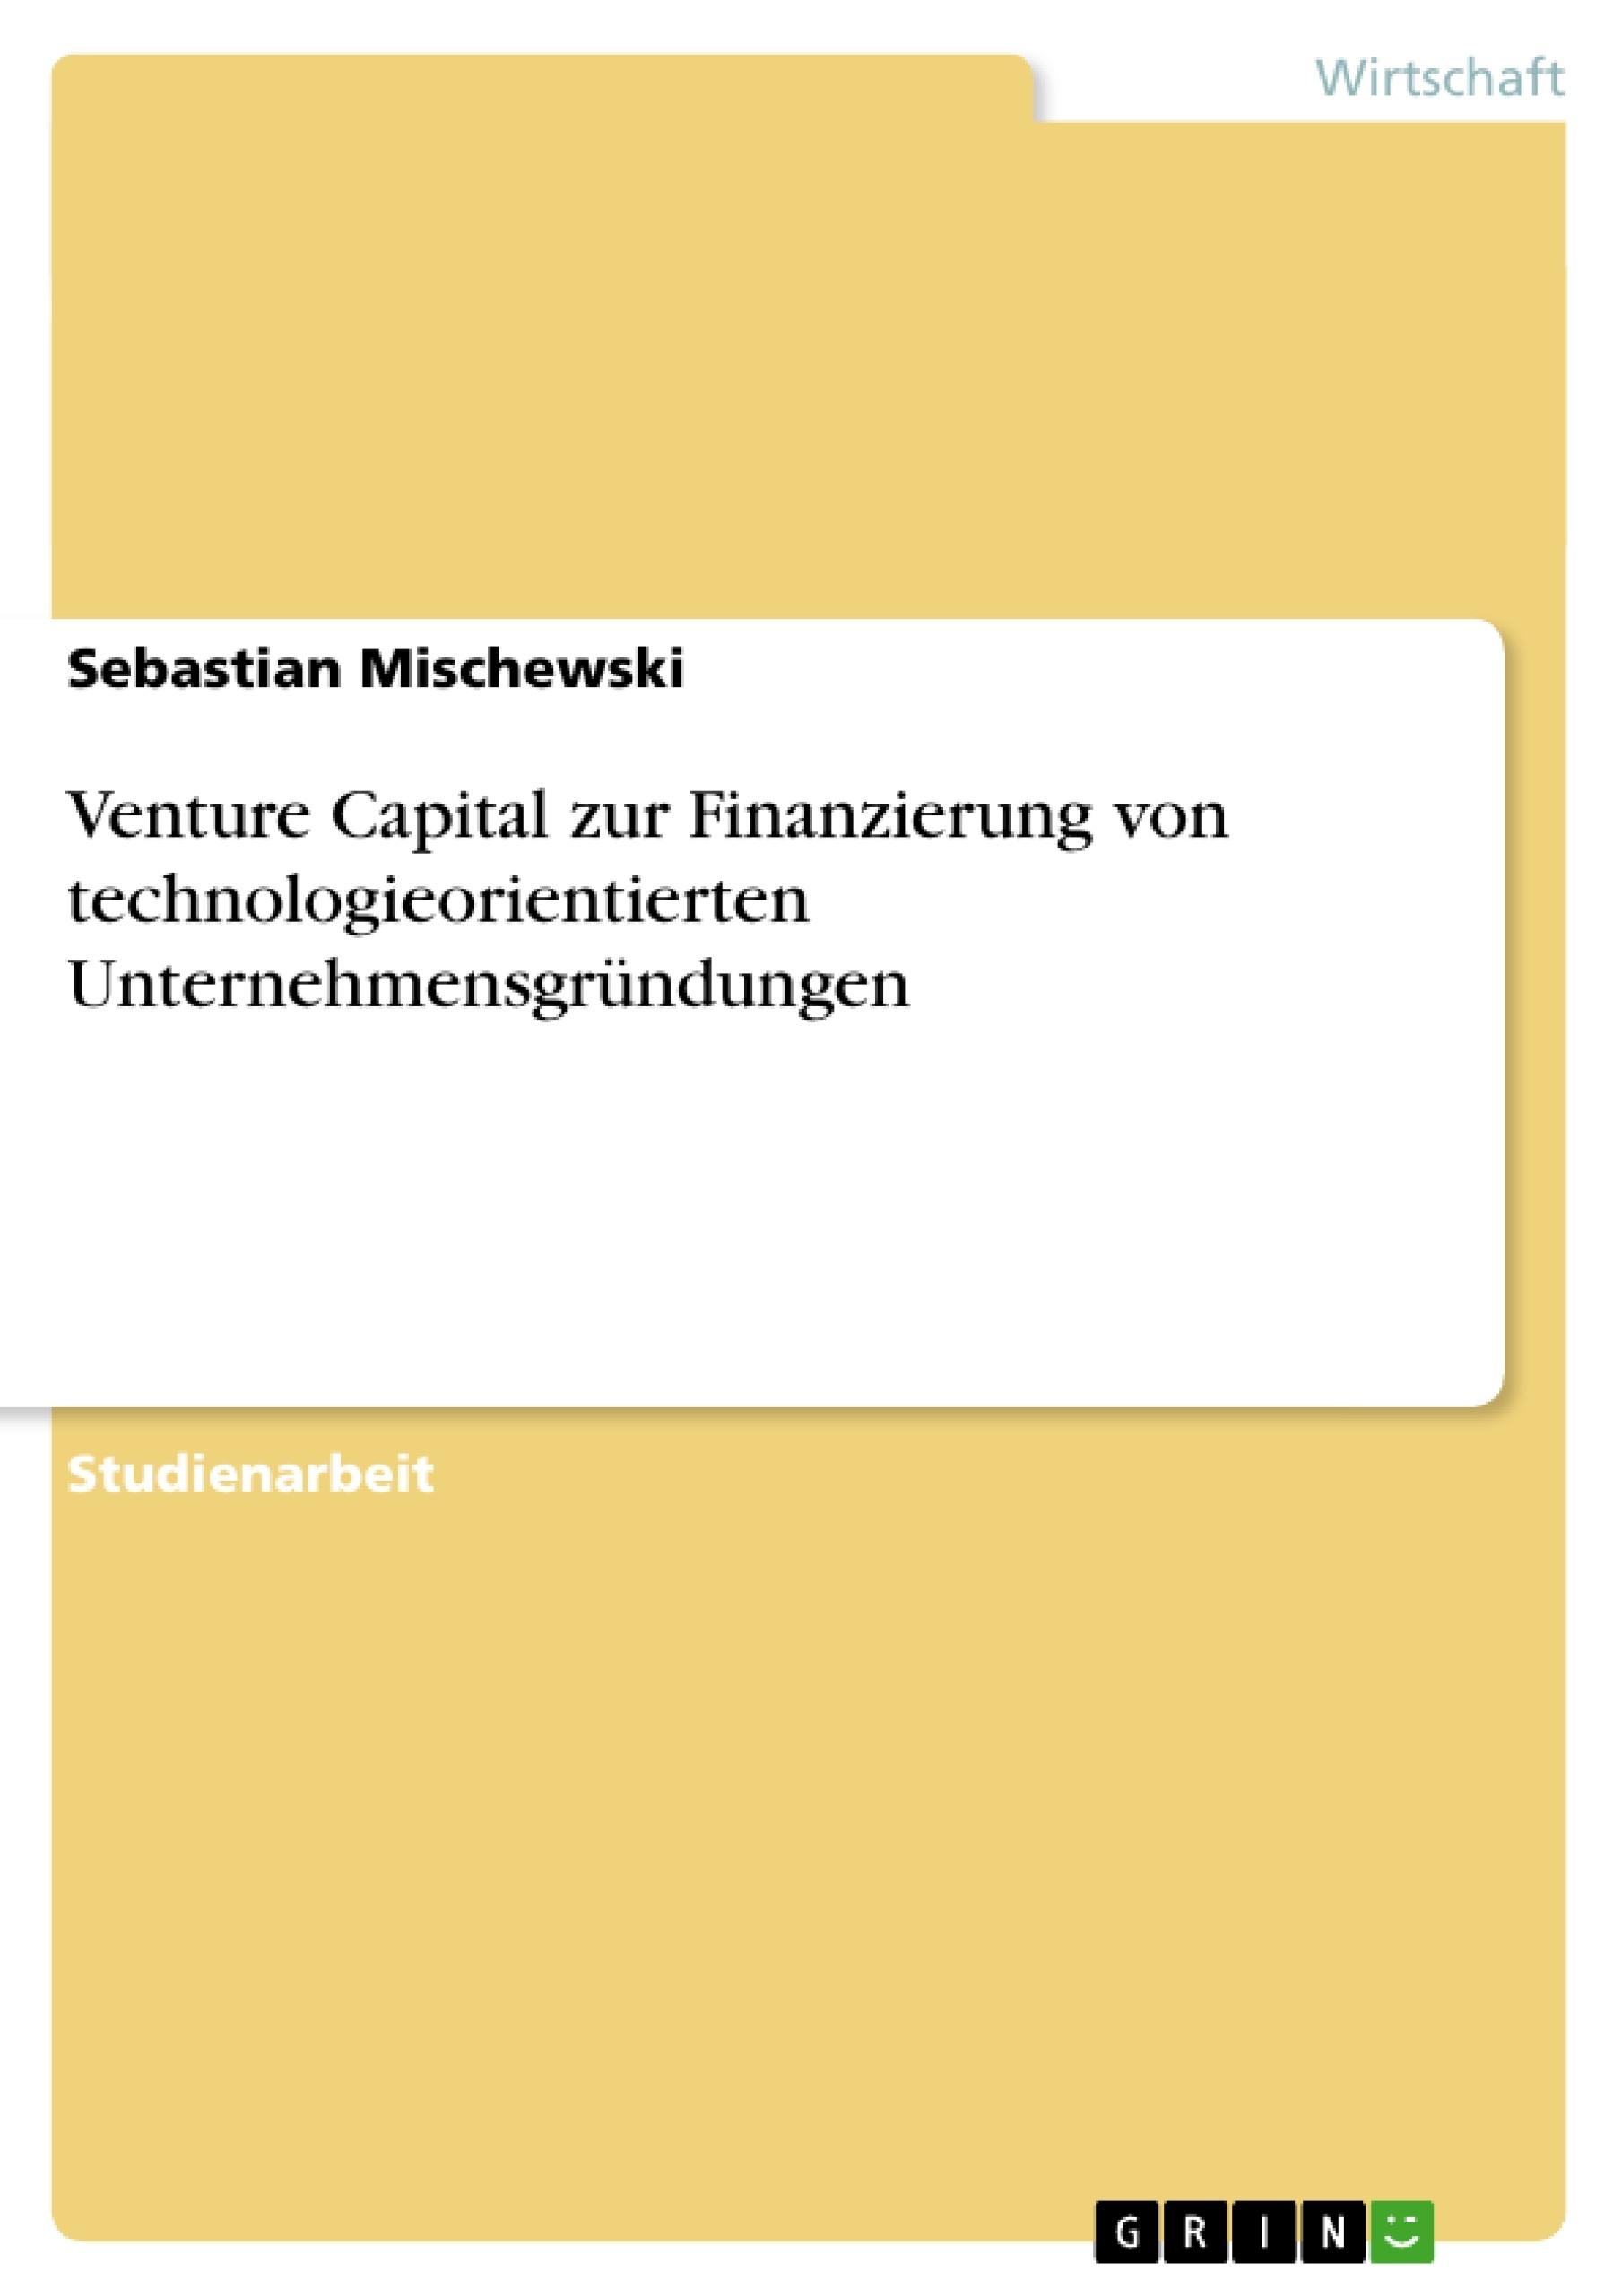 Titel: Venture Capital zur Finanzierung von technologieorientierten Unternehmensgründungen